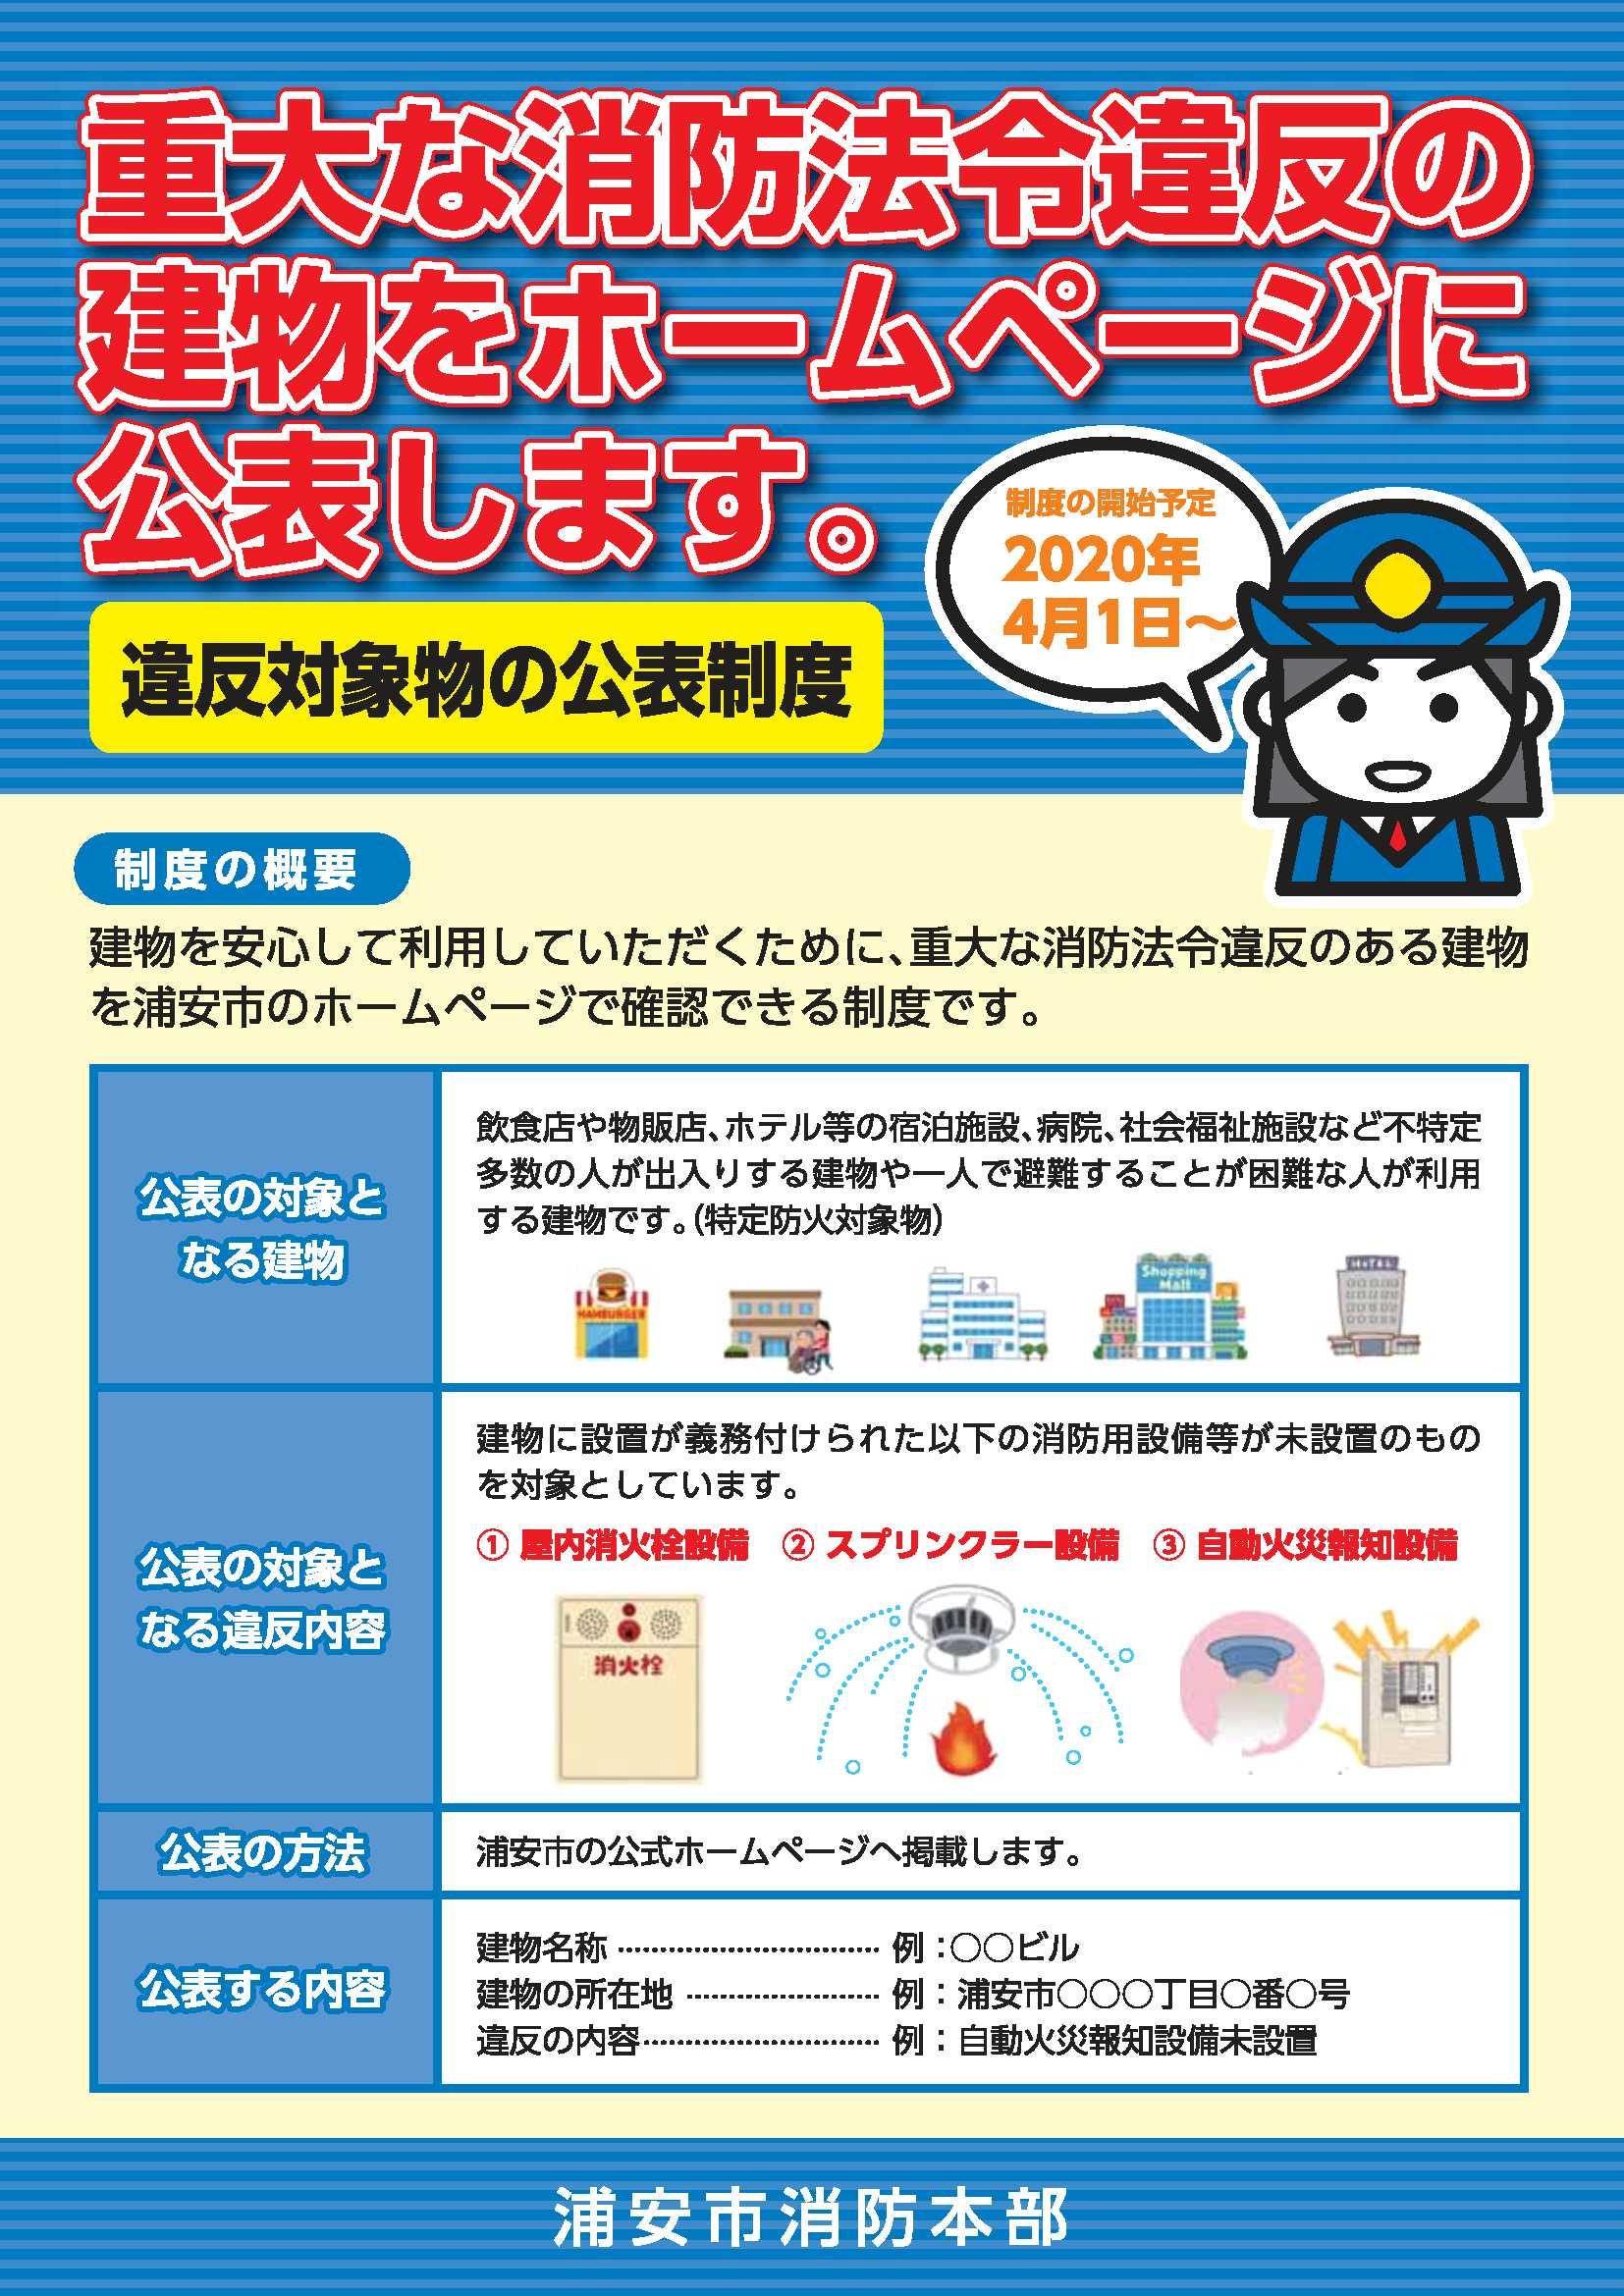 違反対象物の公表制度について 浦安市公式サイト